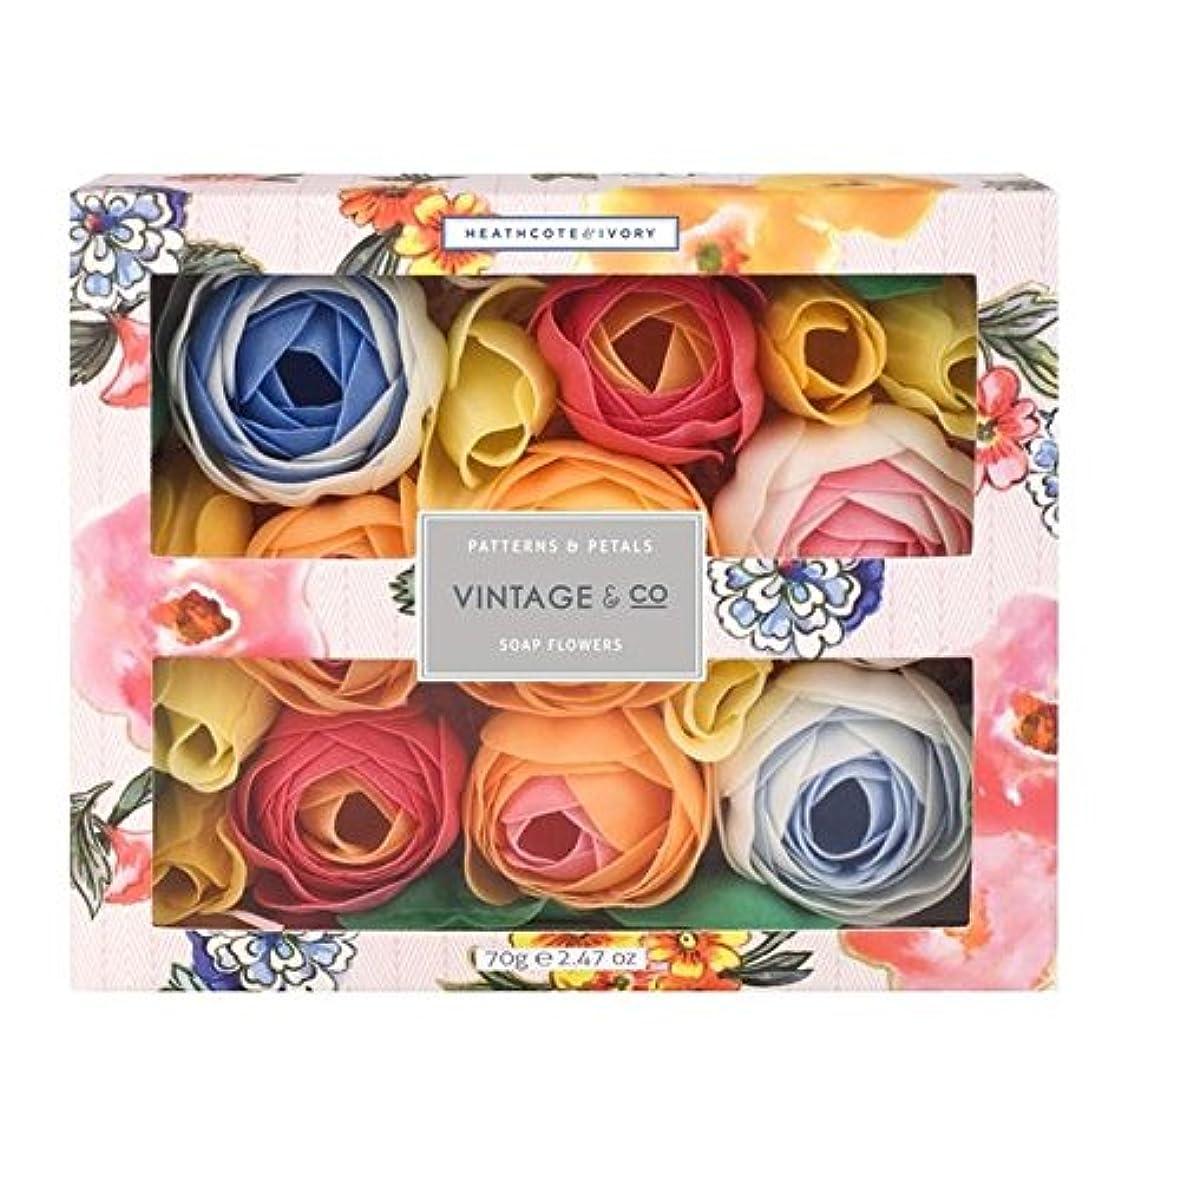 ボルト質素な周術期Heathcote & Ivory Patterns & Petals Soap Flowers 70g - ヒースコート&アイボリーパターン&花びら石鹸の花70グラム [並行輸入品]